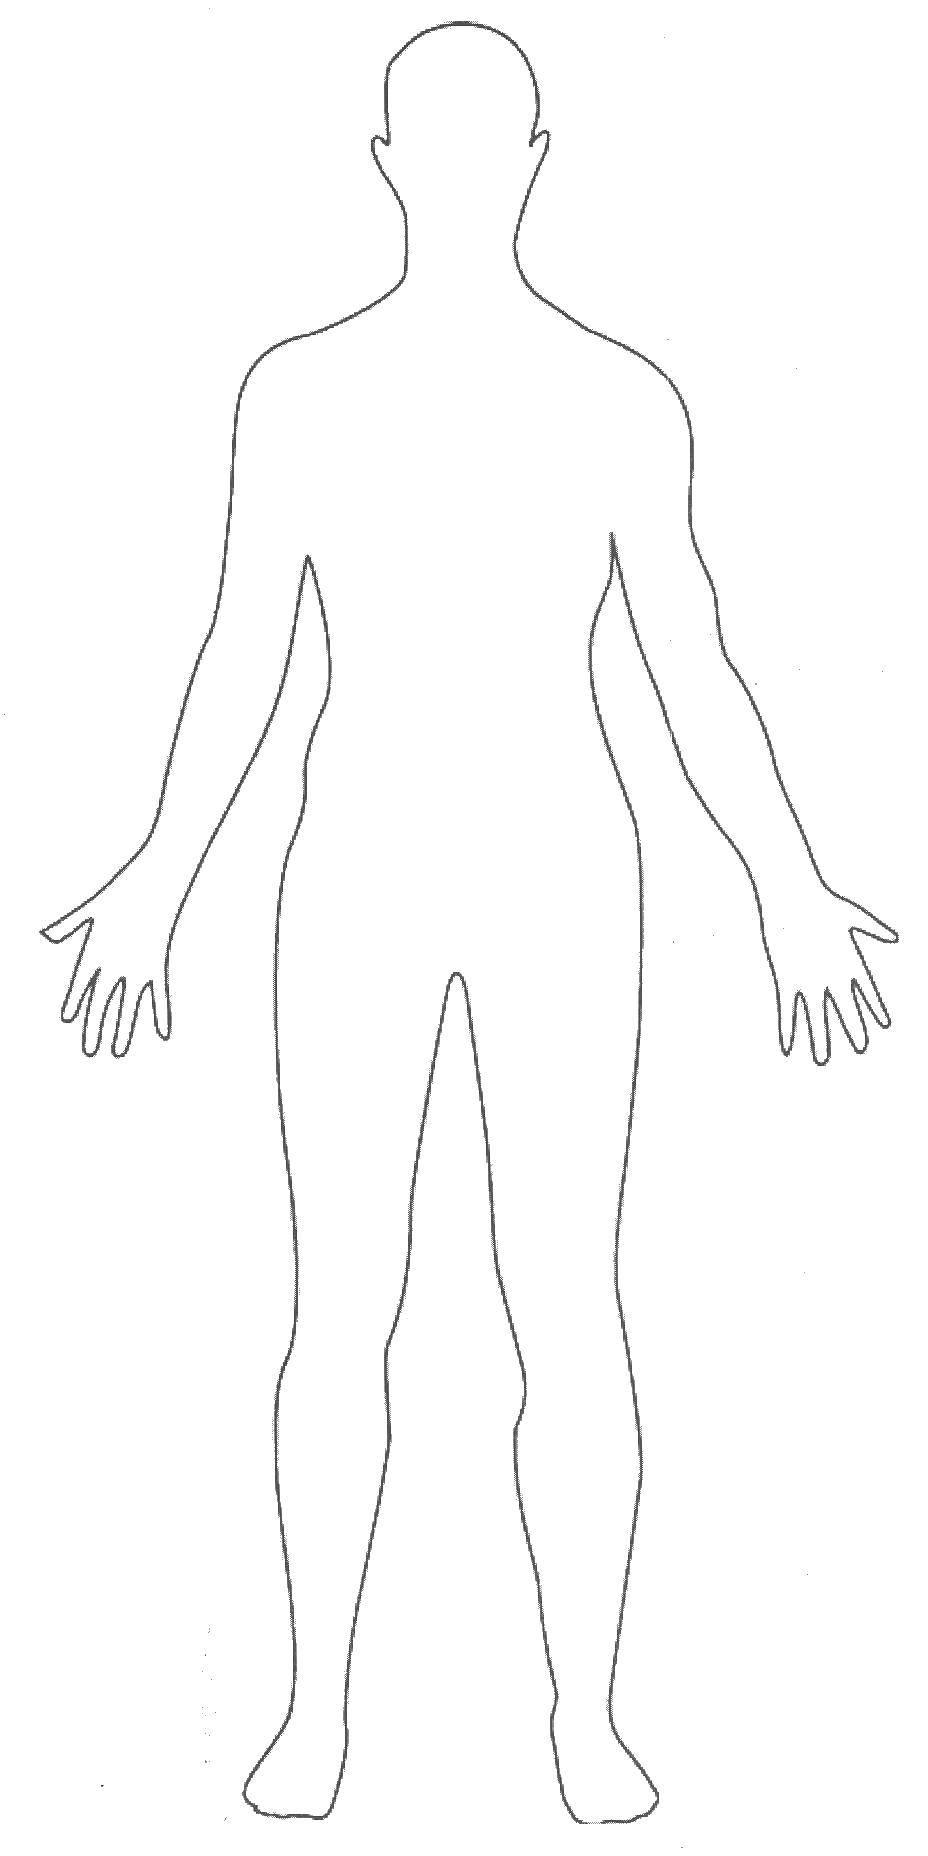 Раскраска Контур людей Скачать дэдпул, мини.  Распечатать ,дэдпул,